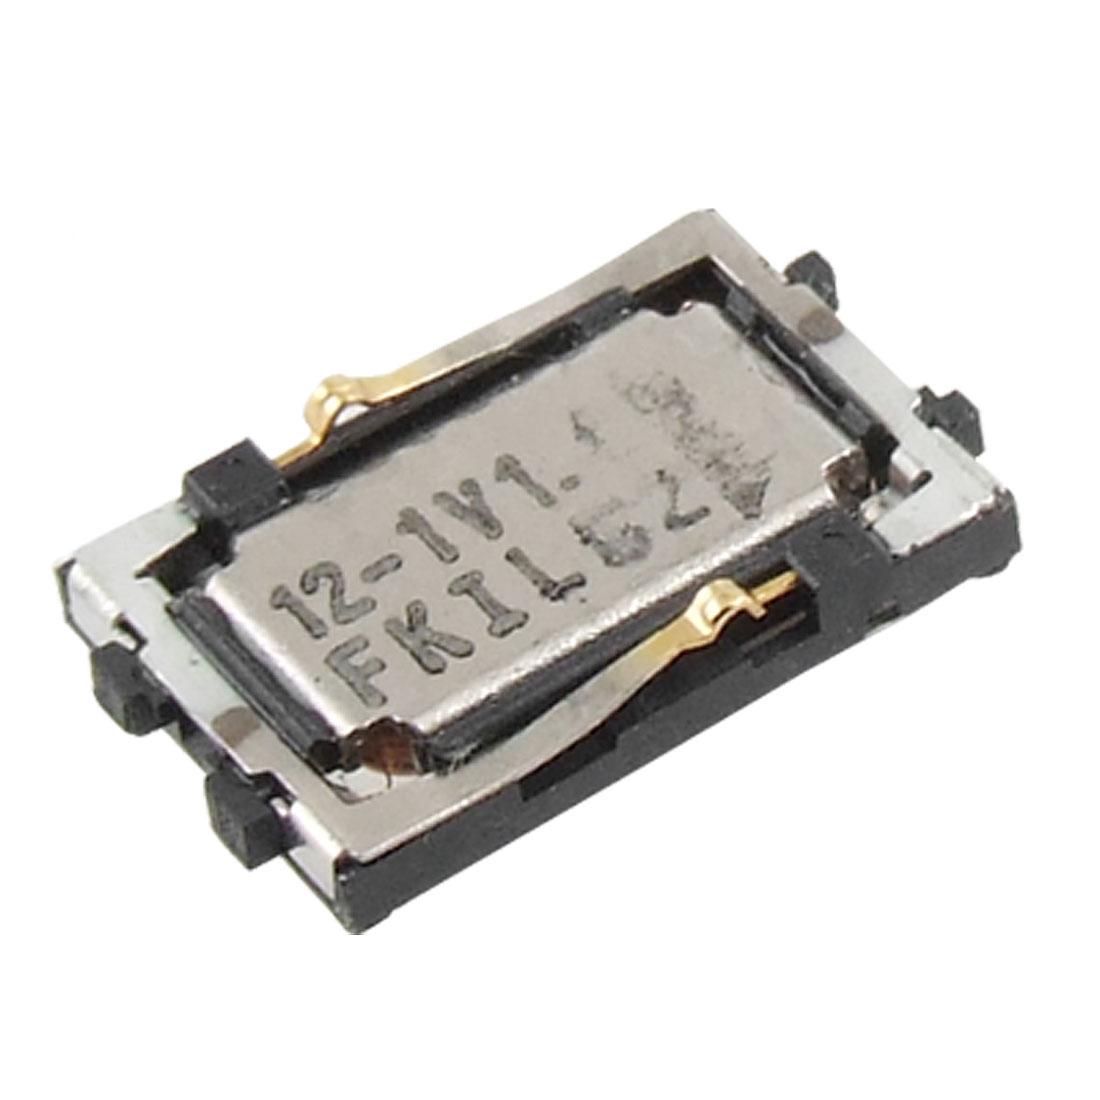 Replacement Repair Parts Speaker Receiver for Nokia E71